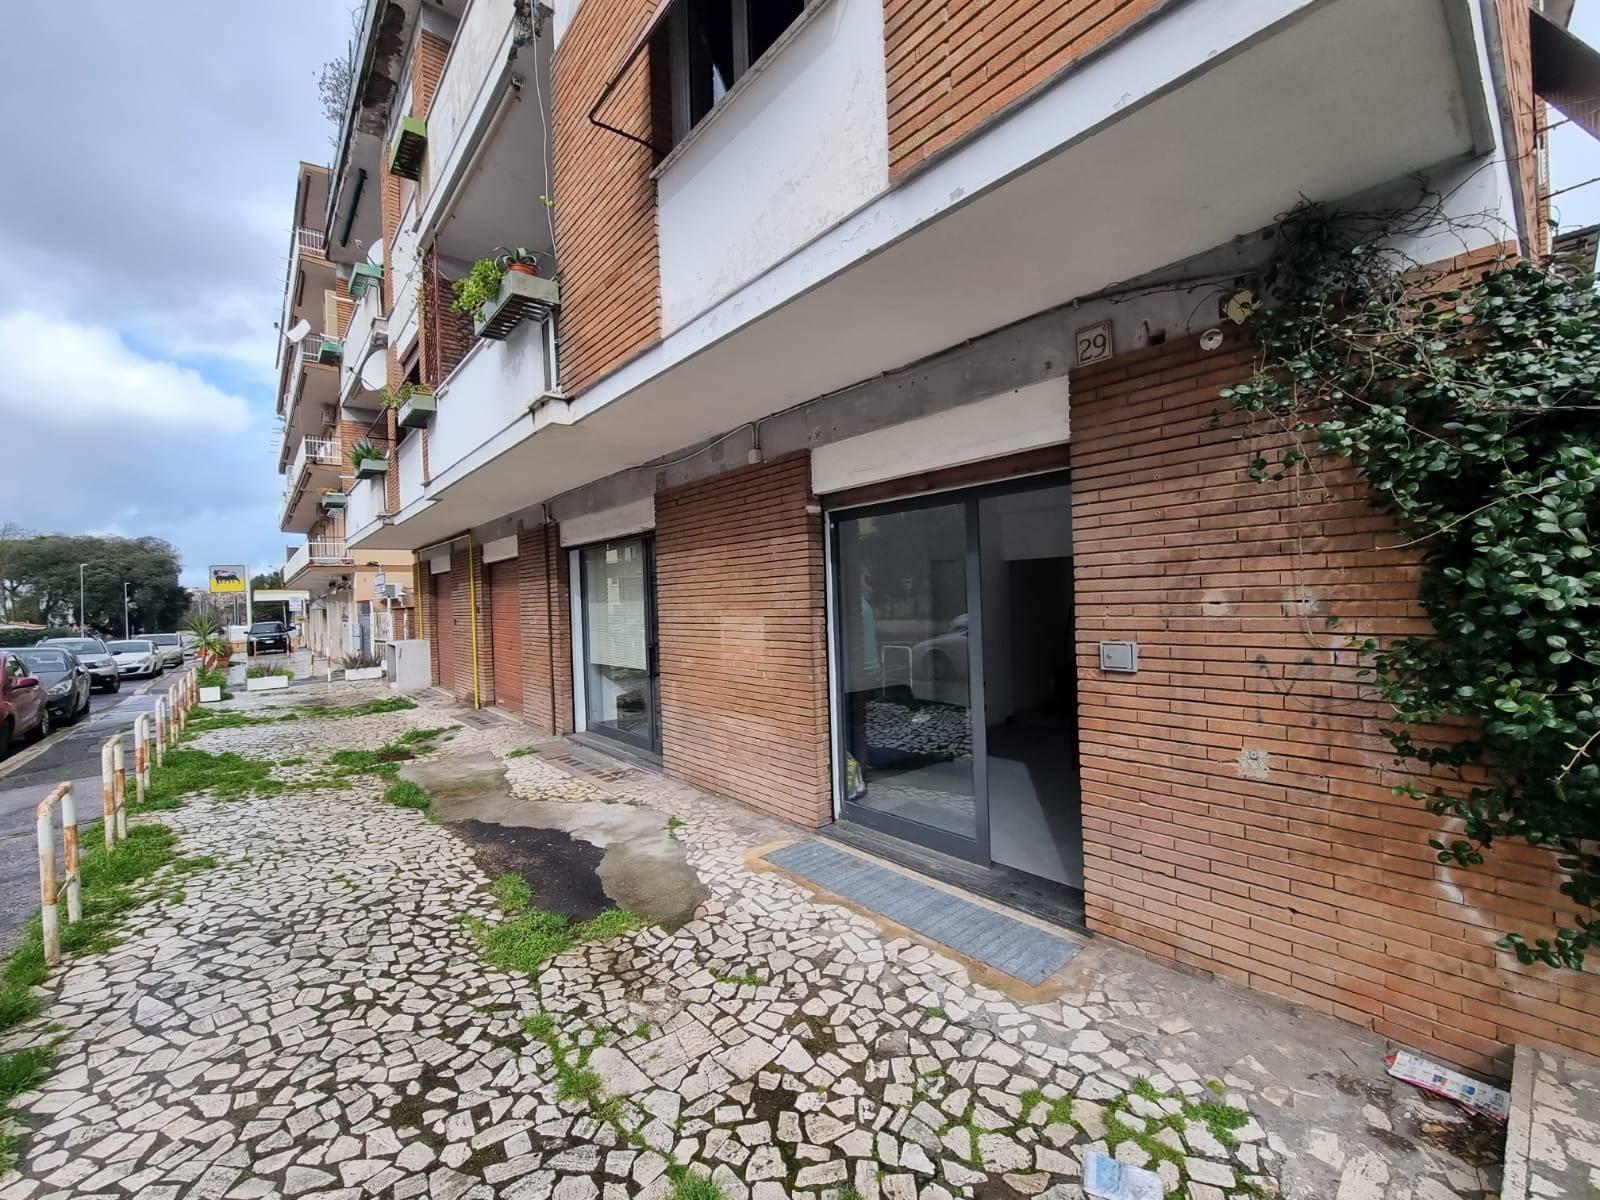 San Cleto Via Poggio Bracciolini proponiamo in vendita locale commerciale su due livelli piano terra C/1 di circa 45 mq. piano seminterrato C/2 circa